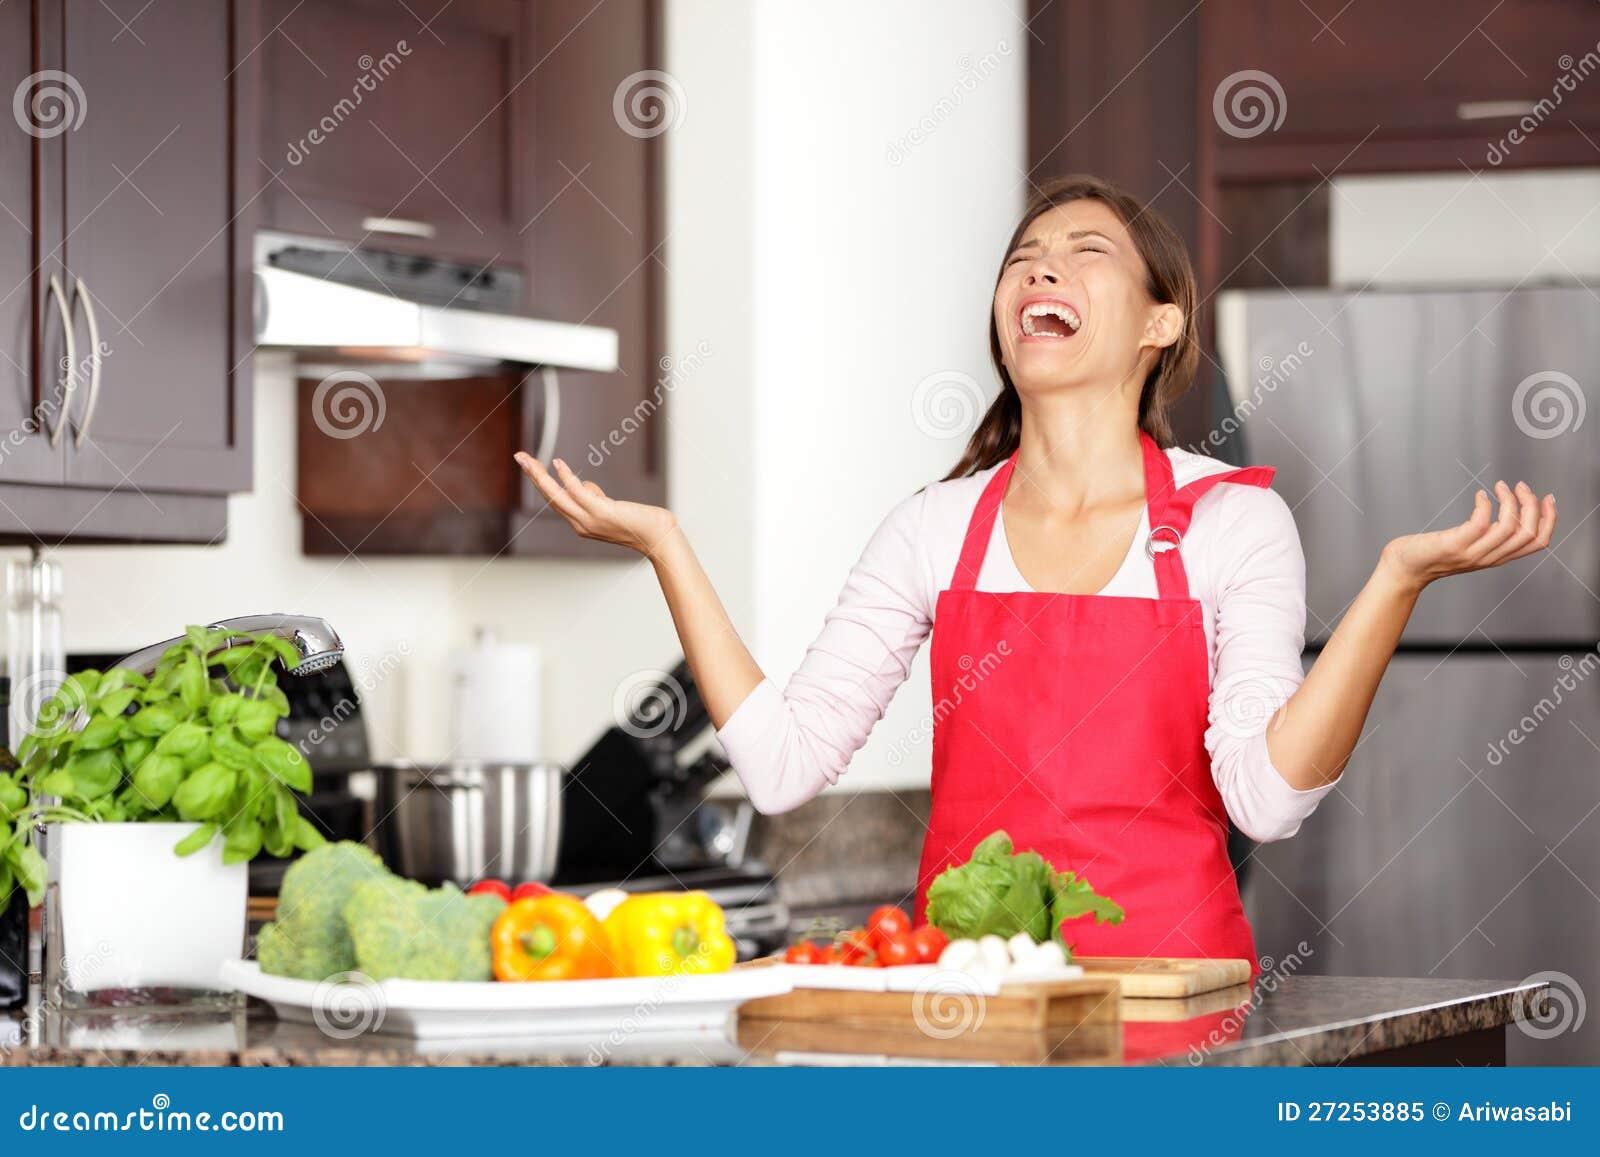 Grappig het koken beeld royalty vrije stock foto afbeelding 27253885 for Beeldkoken